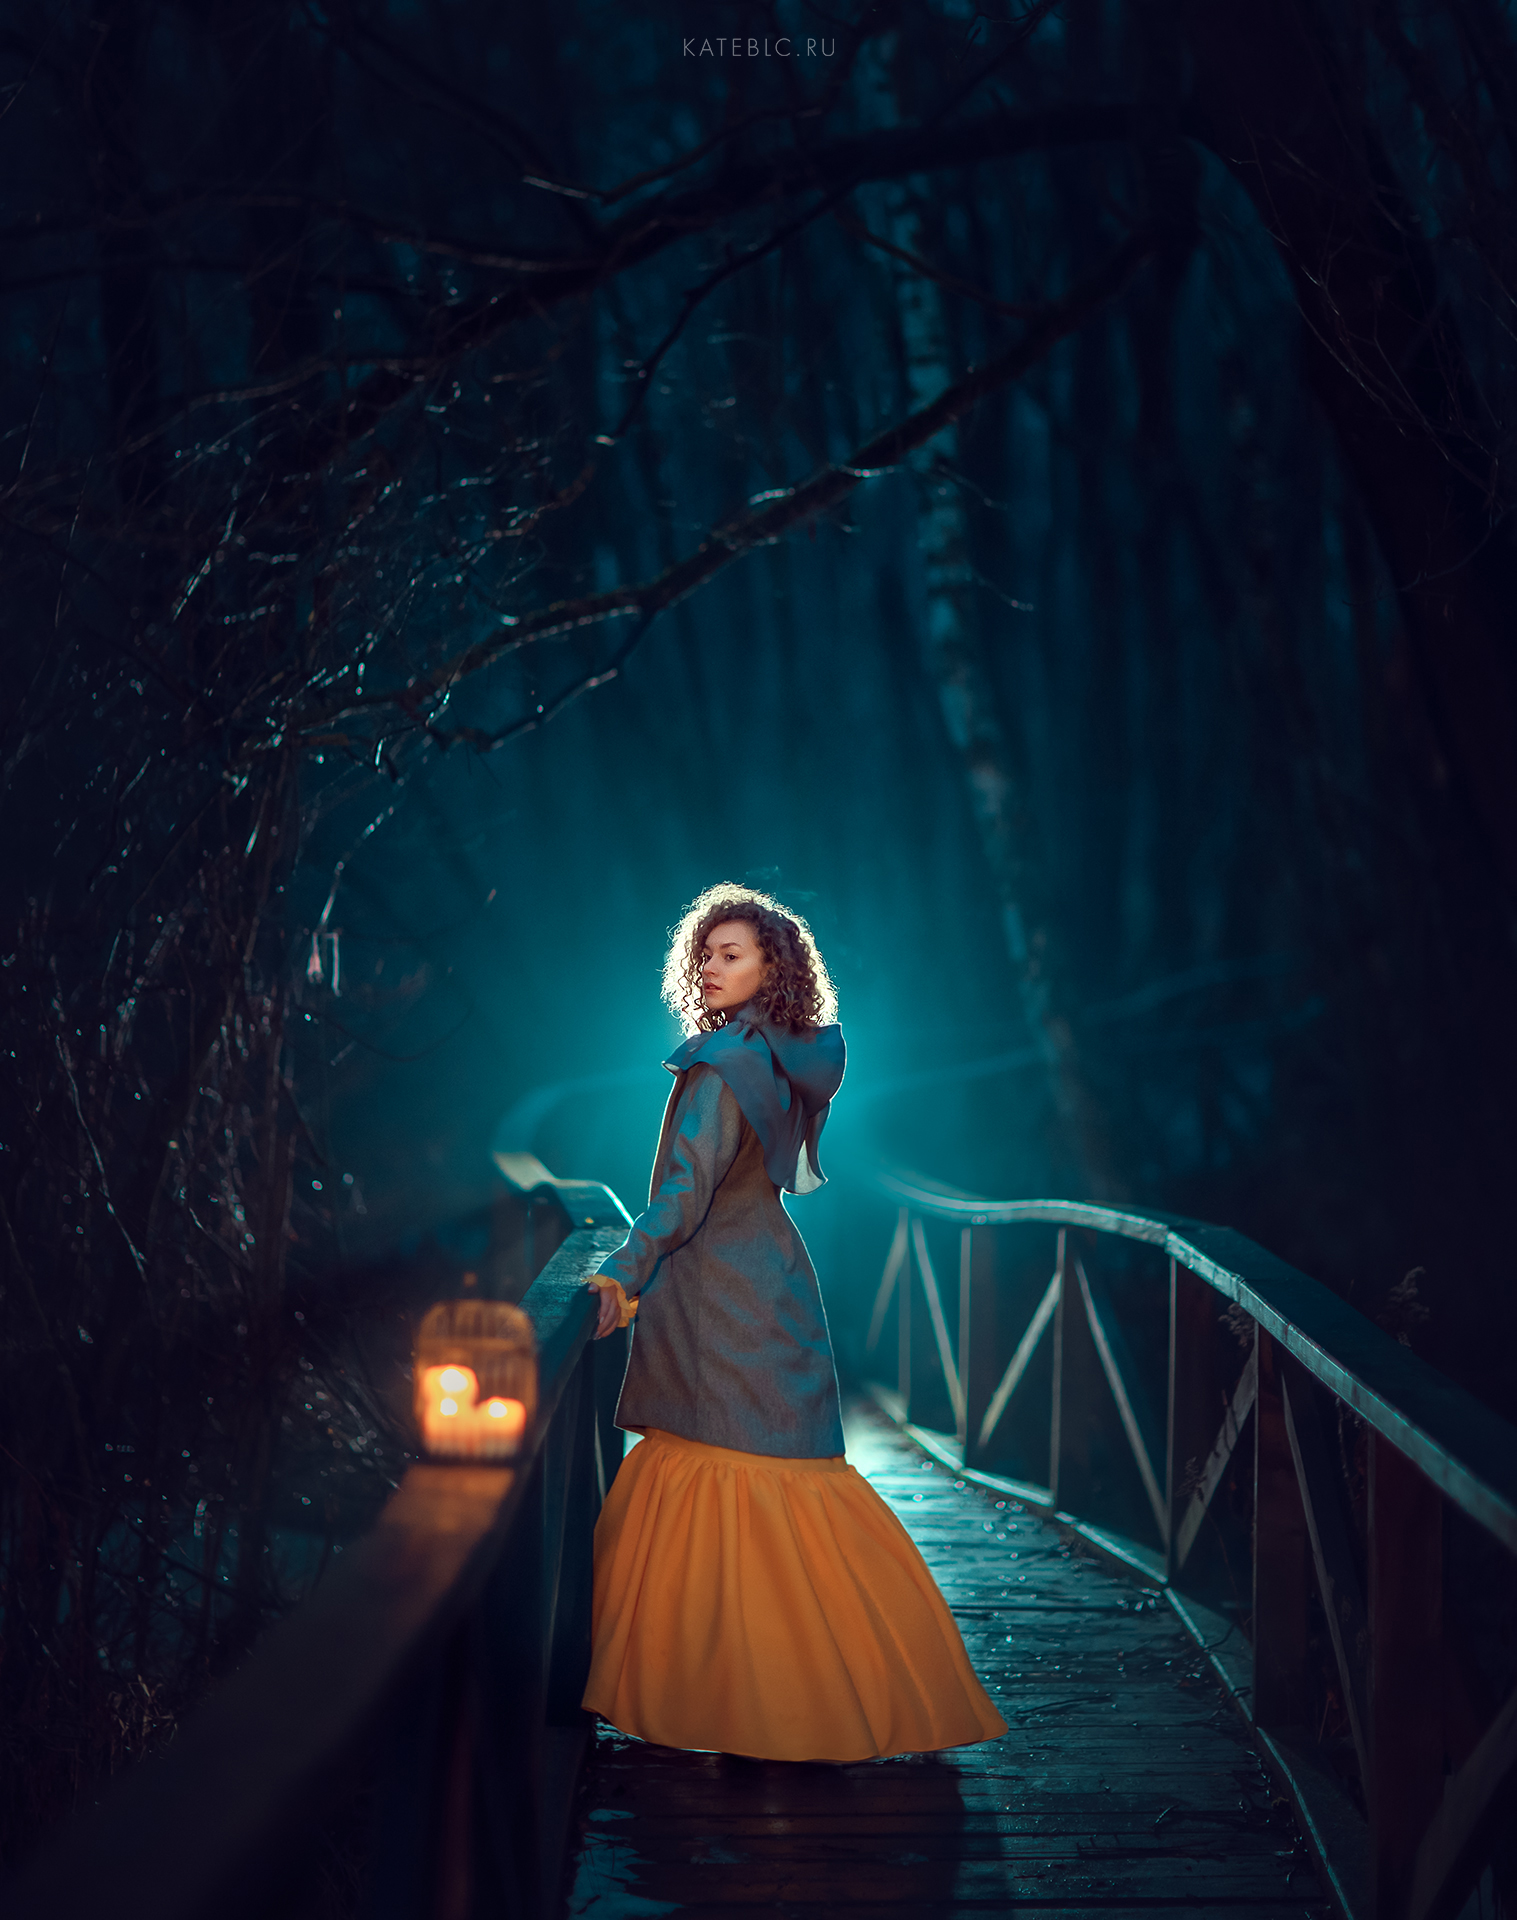 вечерняя фотосессия для девочки в парке. night magical photography